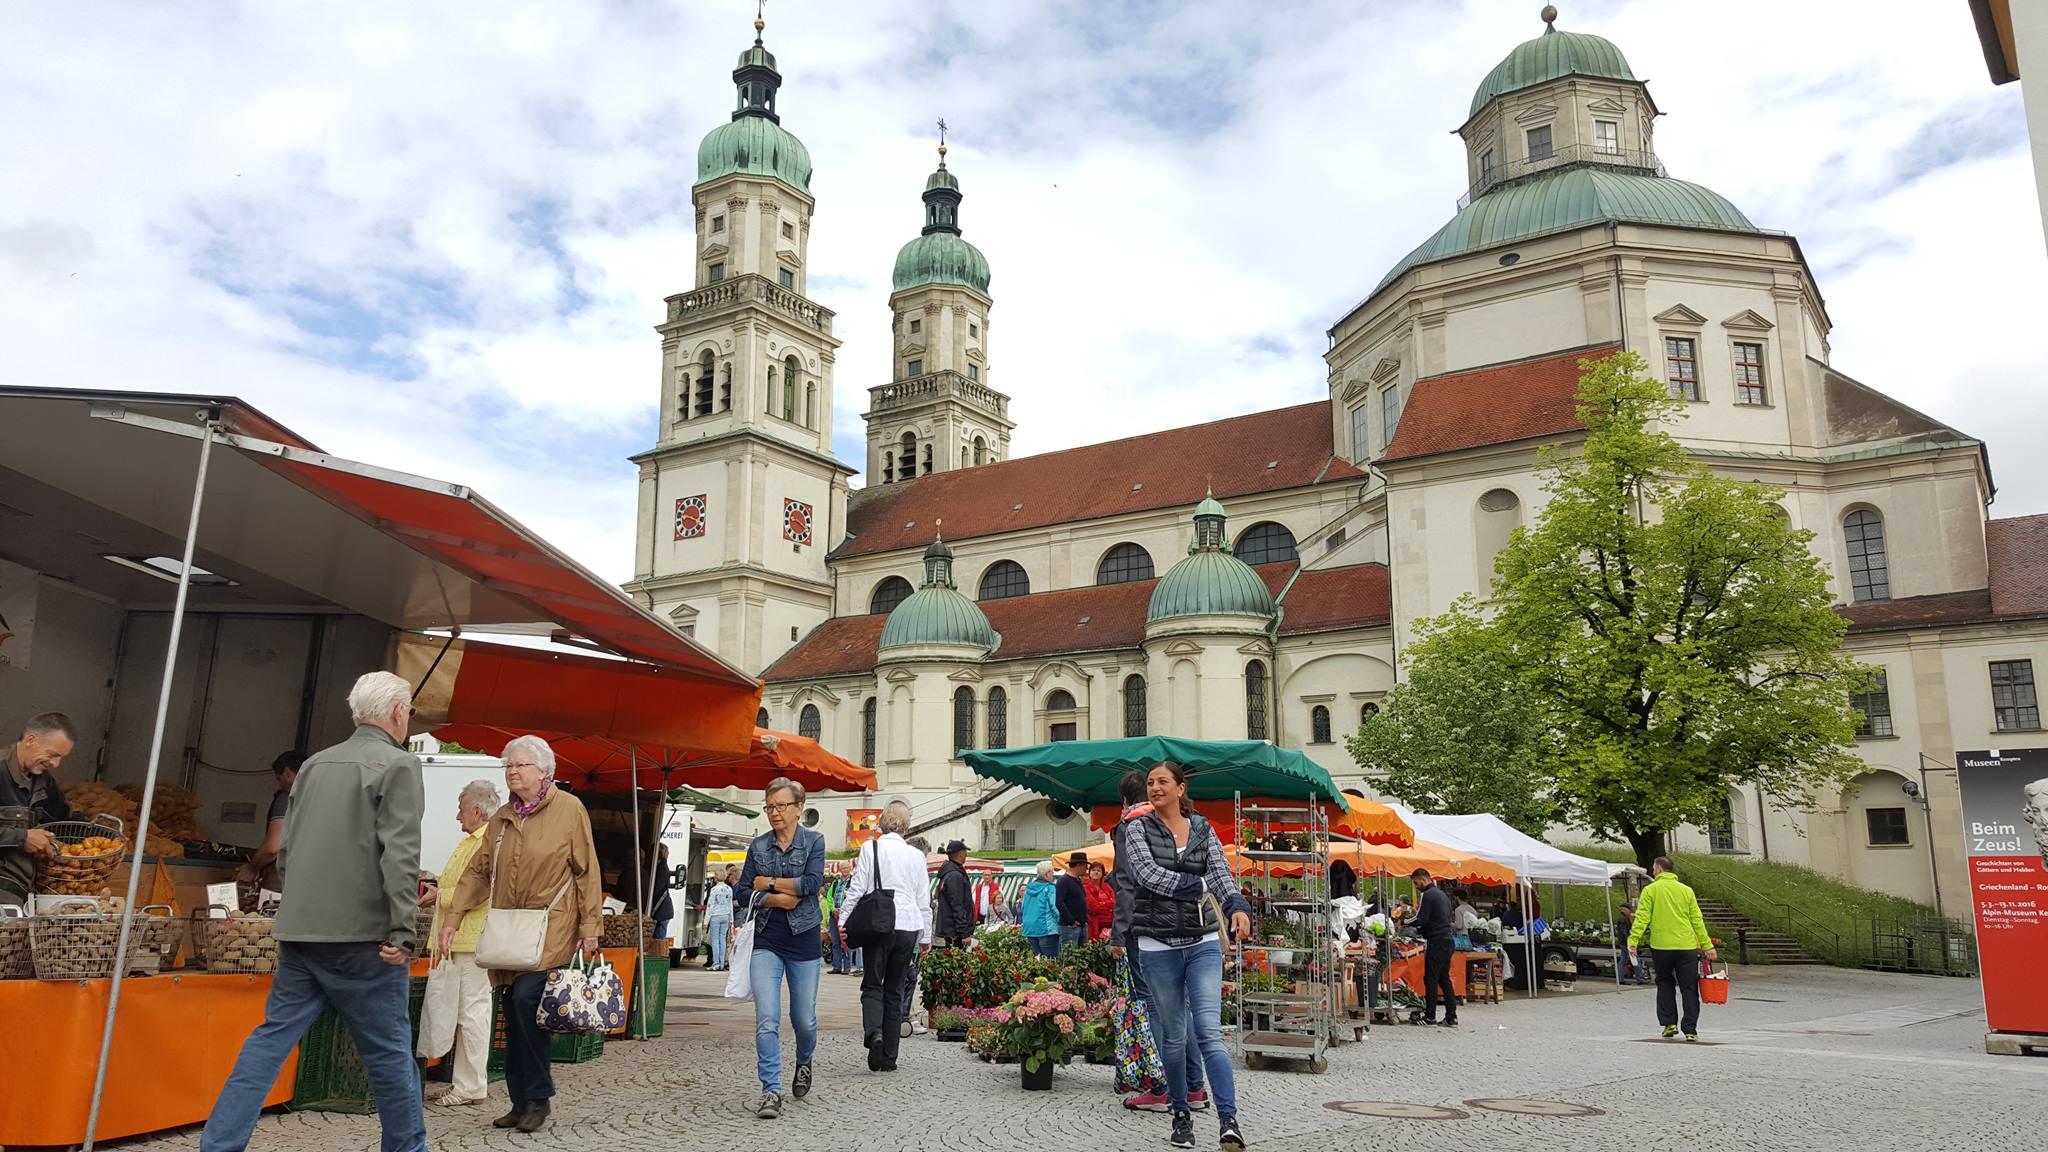 Wochenmarkt in Kempten im Allgäu vor der Basilika. Außerdem ist noch Musikantentag, an jeder Straßenecke eine Band, sicherlich insgesamt ein paar Dutzend. Das Leben ist schön.